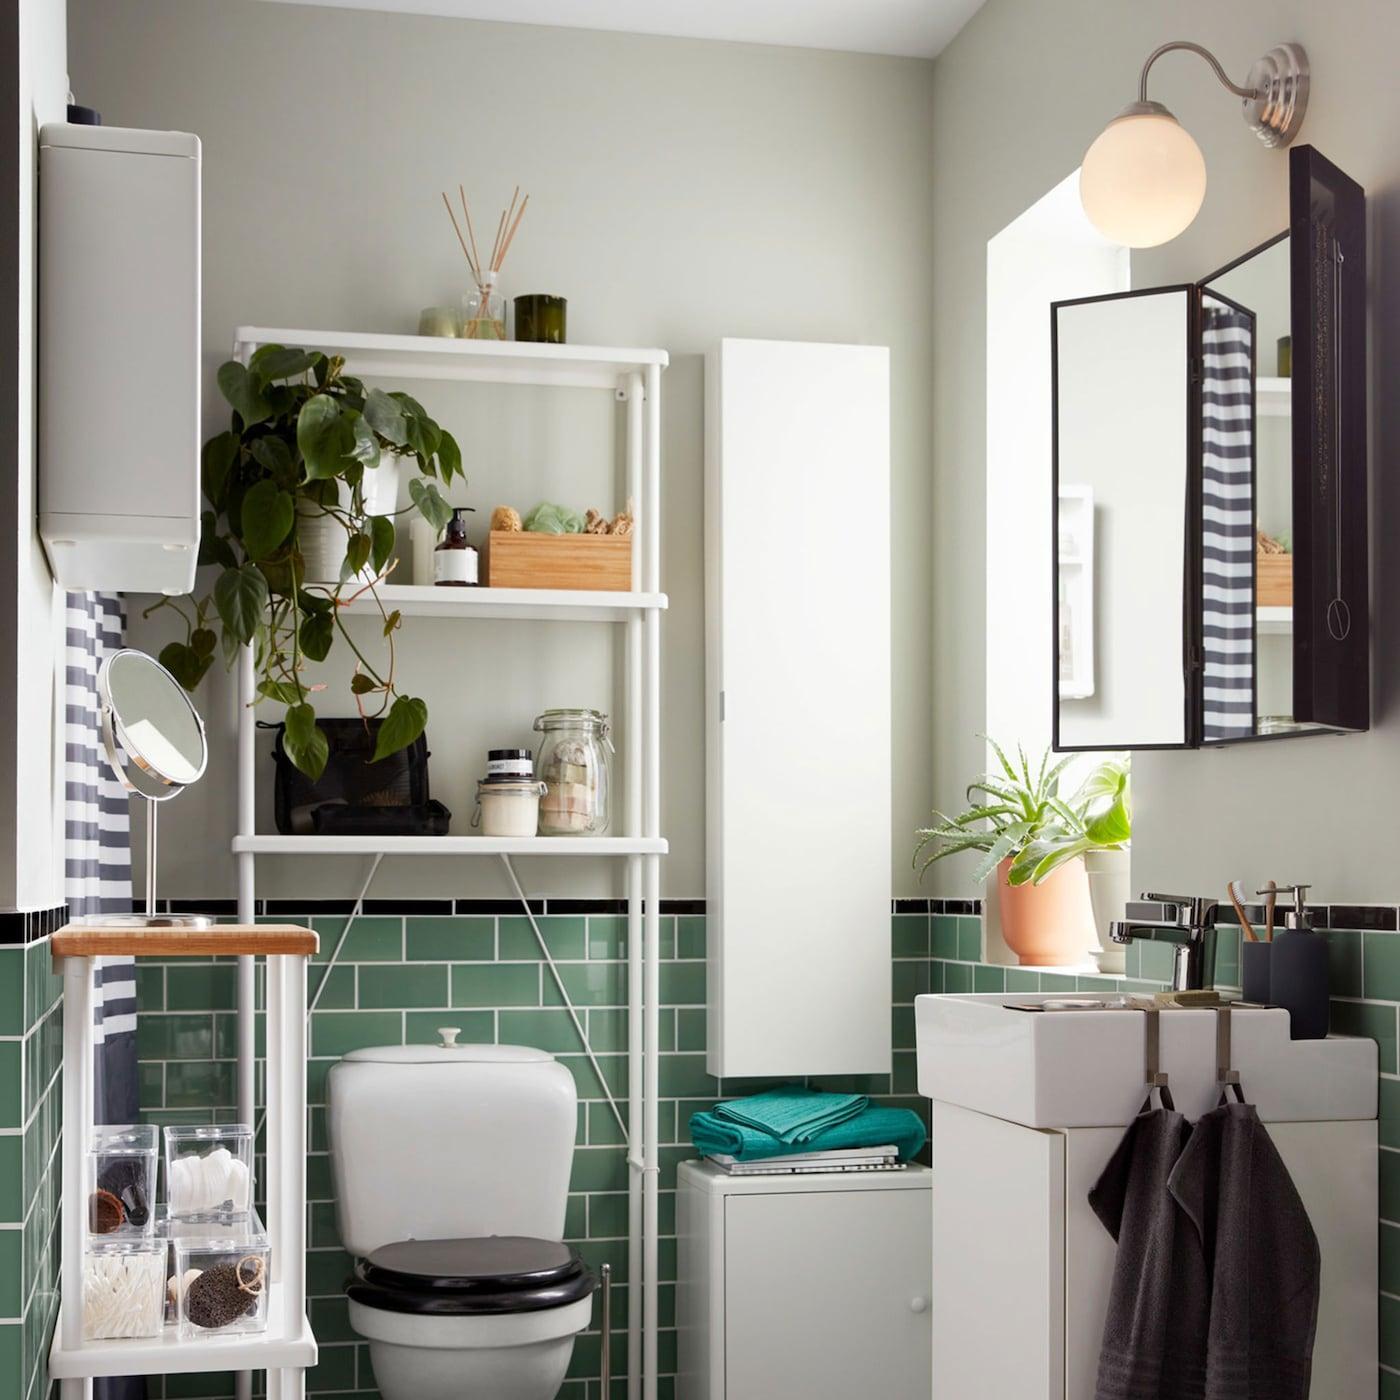 Ikea Mobili Bagno Pensili idee per arredare il bagno - ikea svizzera